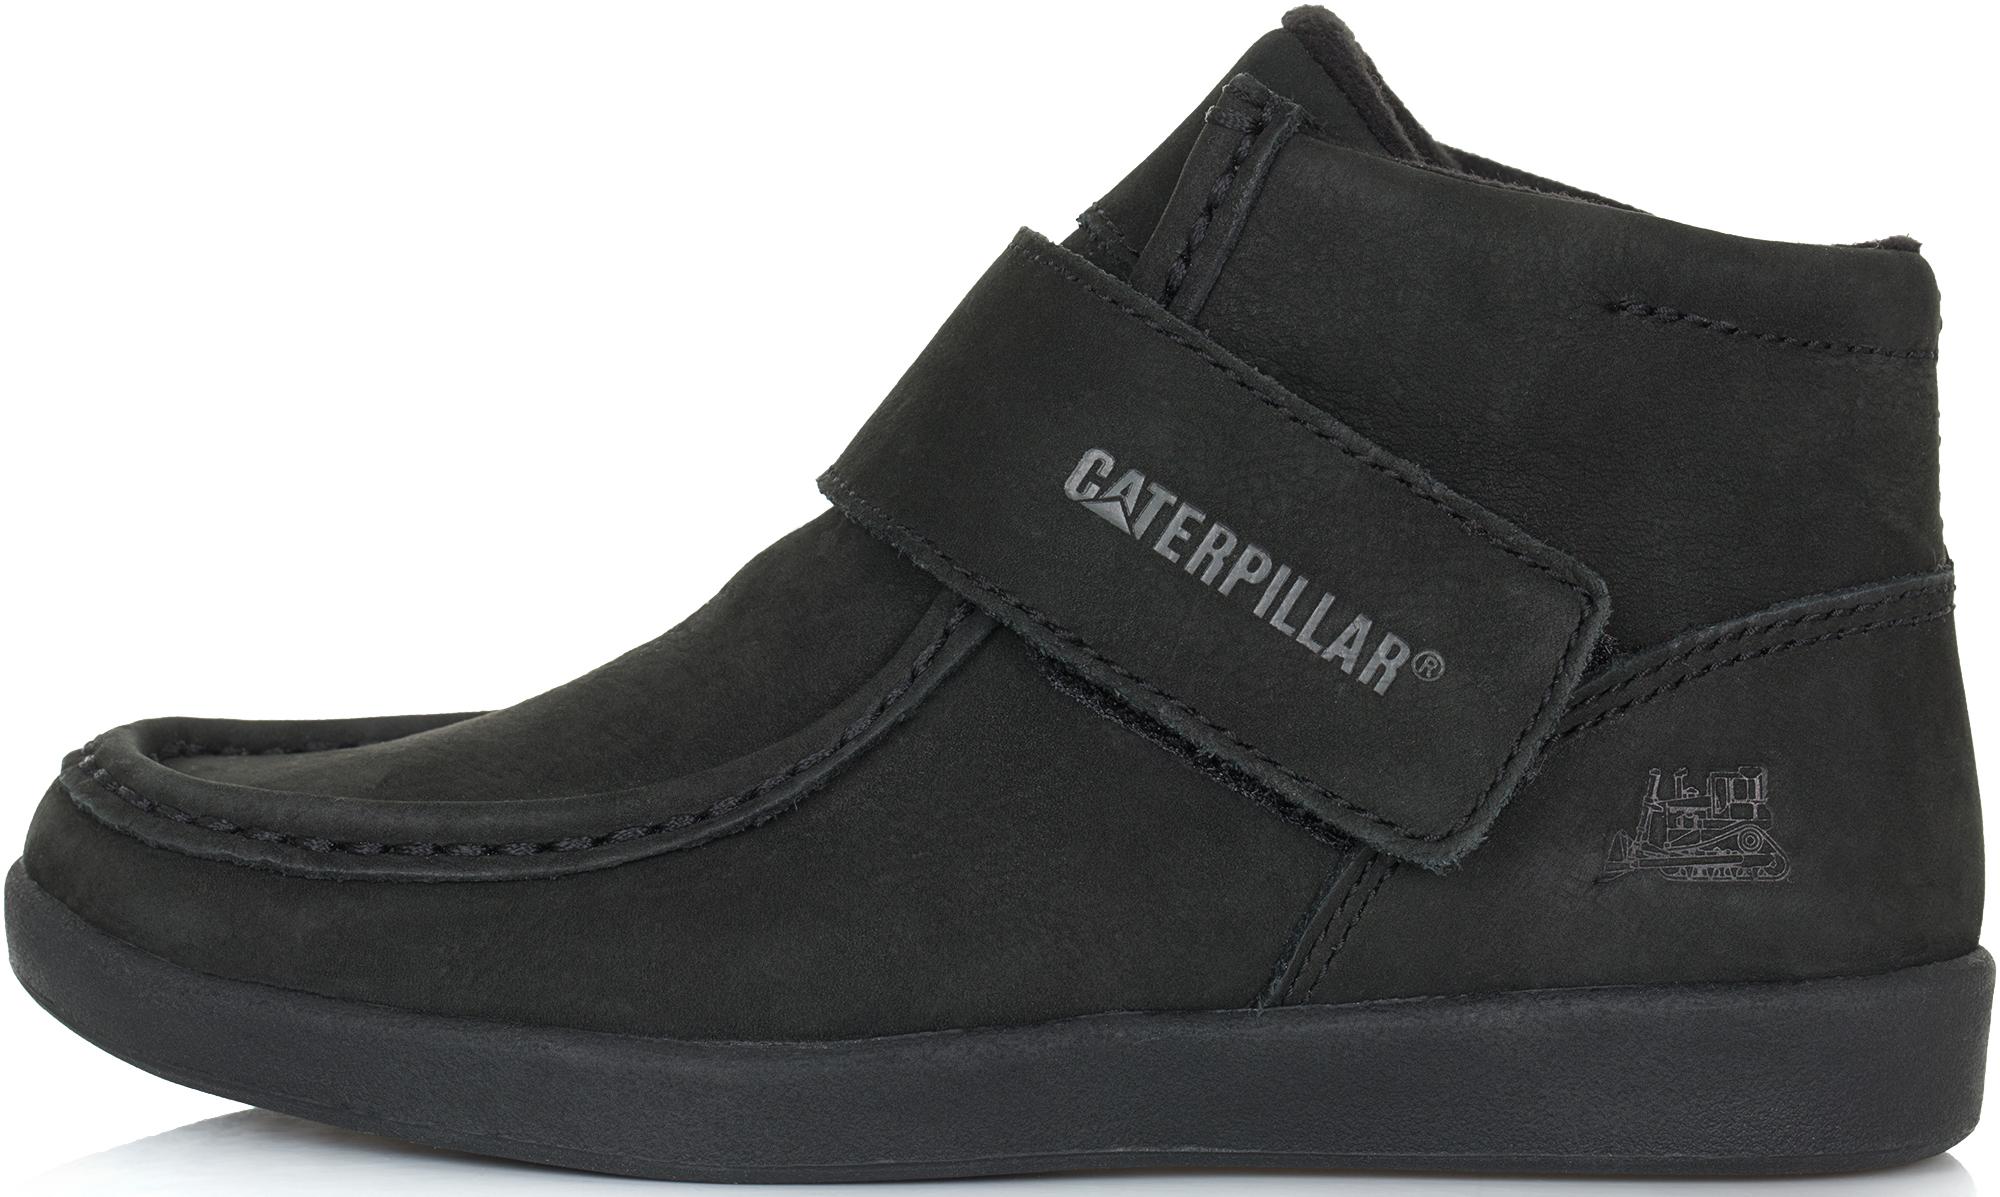 Caterpillar Ботинки для мальчиков Caterpillar Ryder Velcro Fleece, размер 34,5